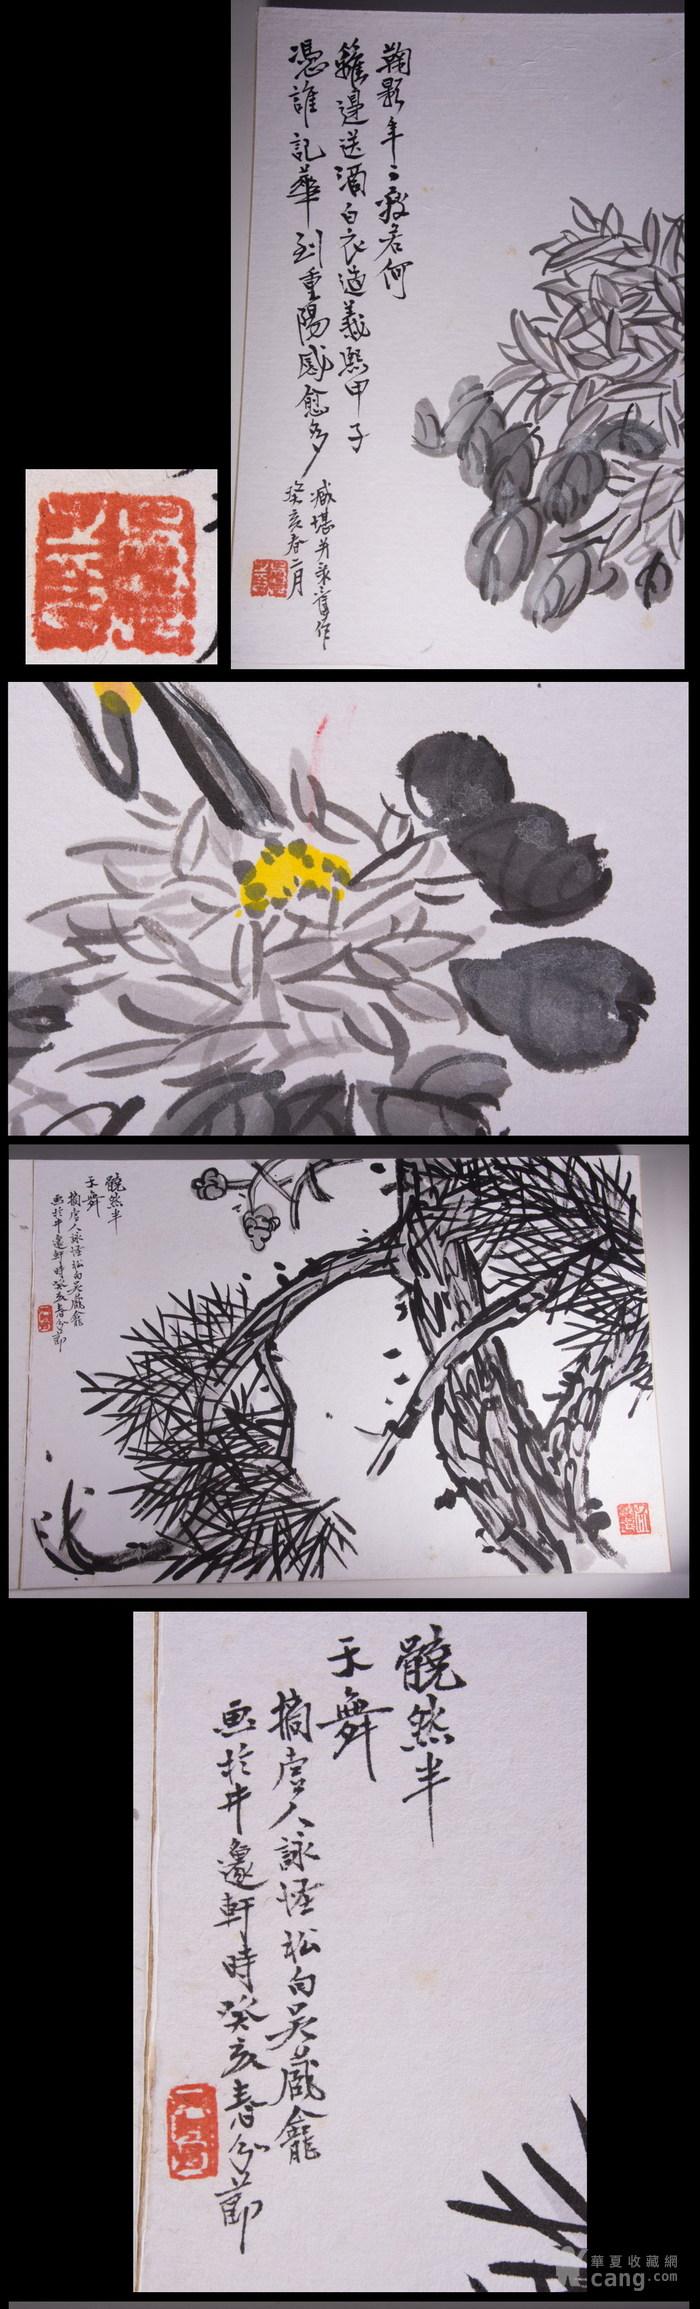 民国--吴昌硕之子--吴藏龛-《画树长春册》图6